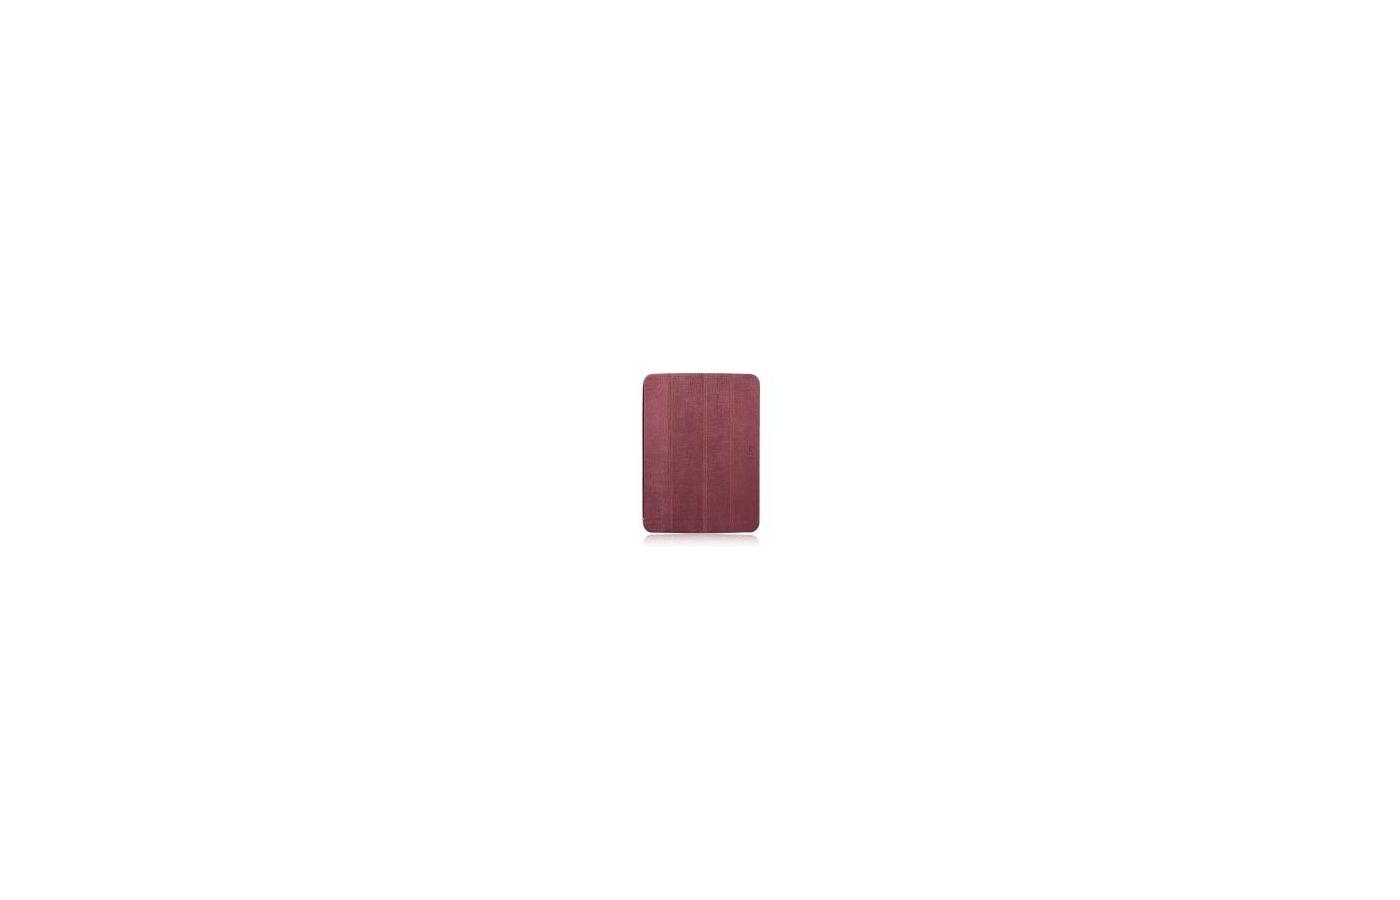 Чехол для планшетного ПК Gissar Metallic 01391 для Samsung Galaxy Tab3 10.1 Красн. (Качественная PU кожа, крышка трансформер